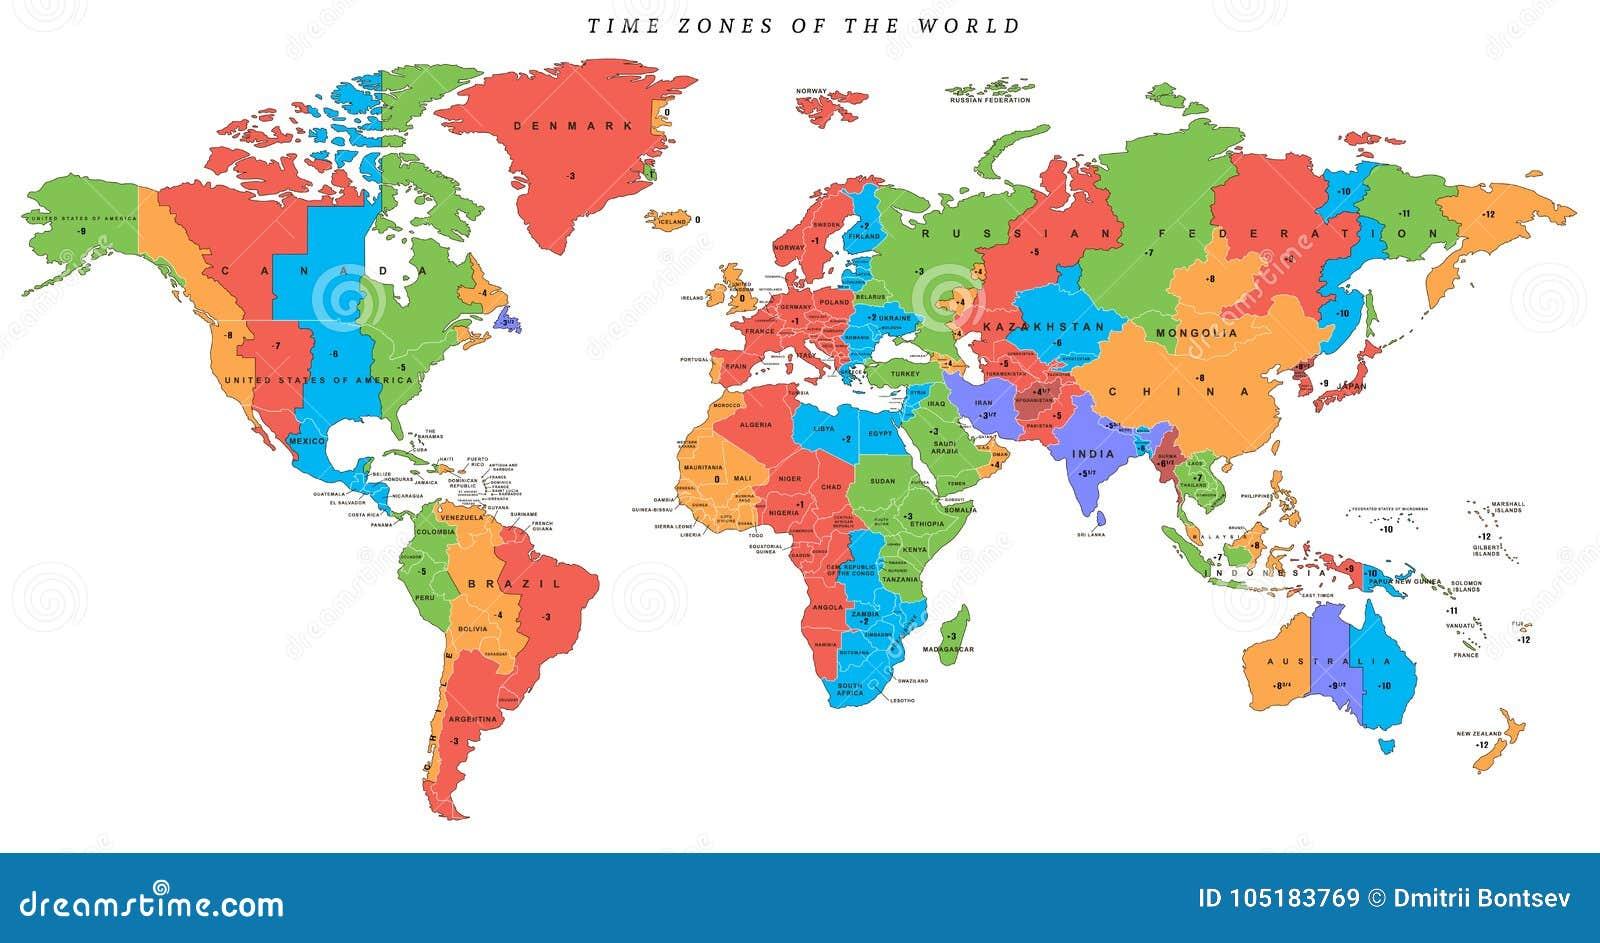 Ausfuhrliche Weltkarte Des Vektors Mit Zeitzonen Vektor Abbildung